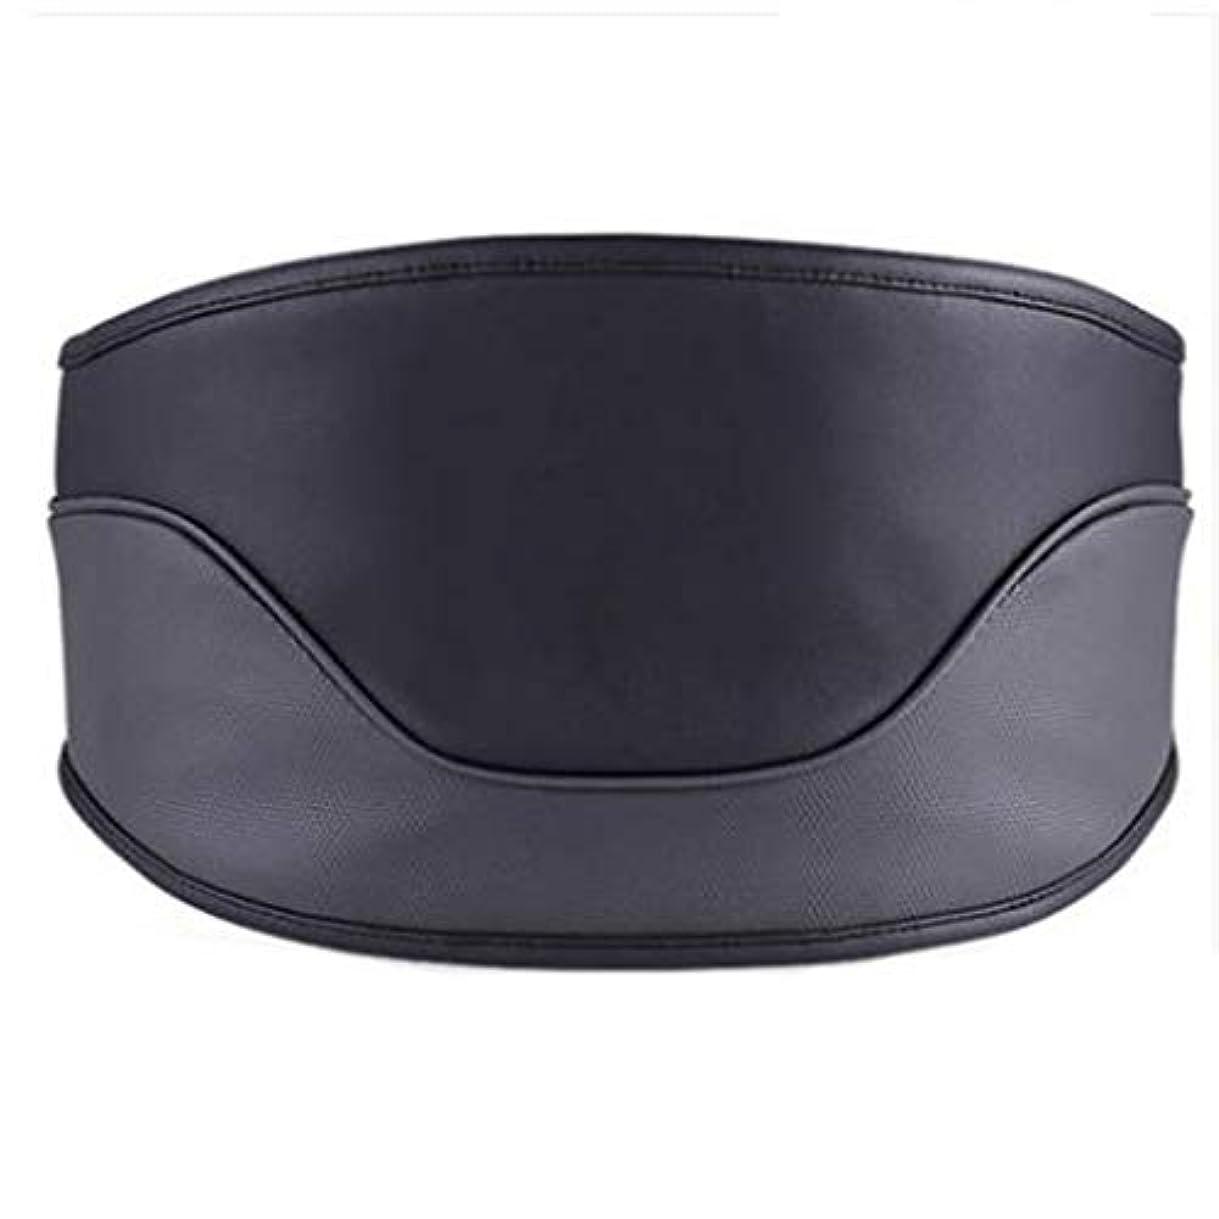 せせらぎ寝室を掃除するマッサージャー マッサージャーウエストマッサージャー首肩全身ホーム腰椎マッサージャー電気暖房付き多機能成人理学療法ギフトホームオフィスカー (Color : Black, Size : M)